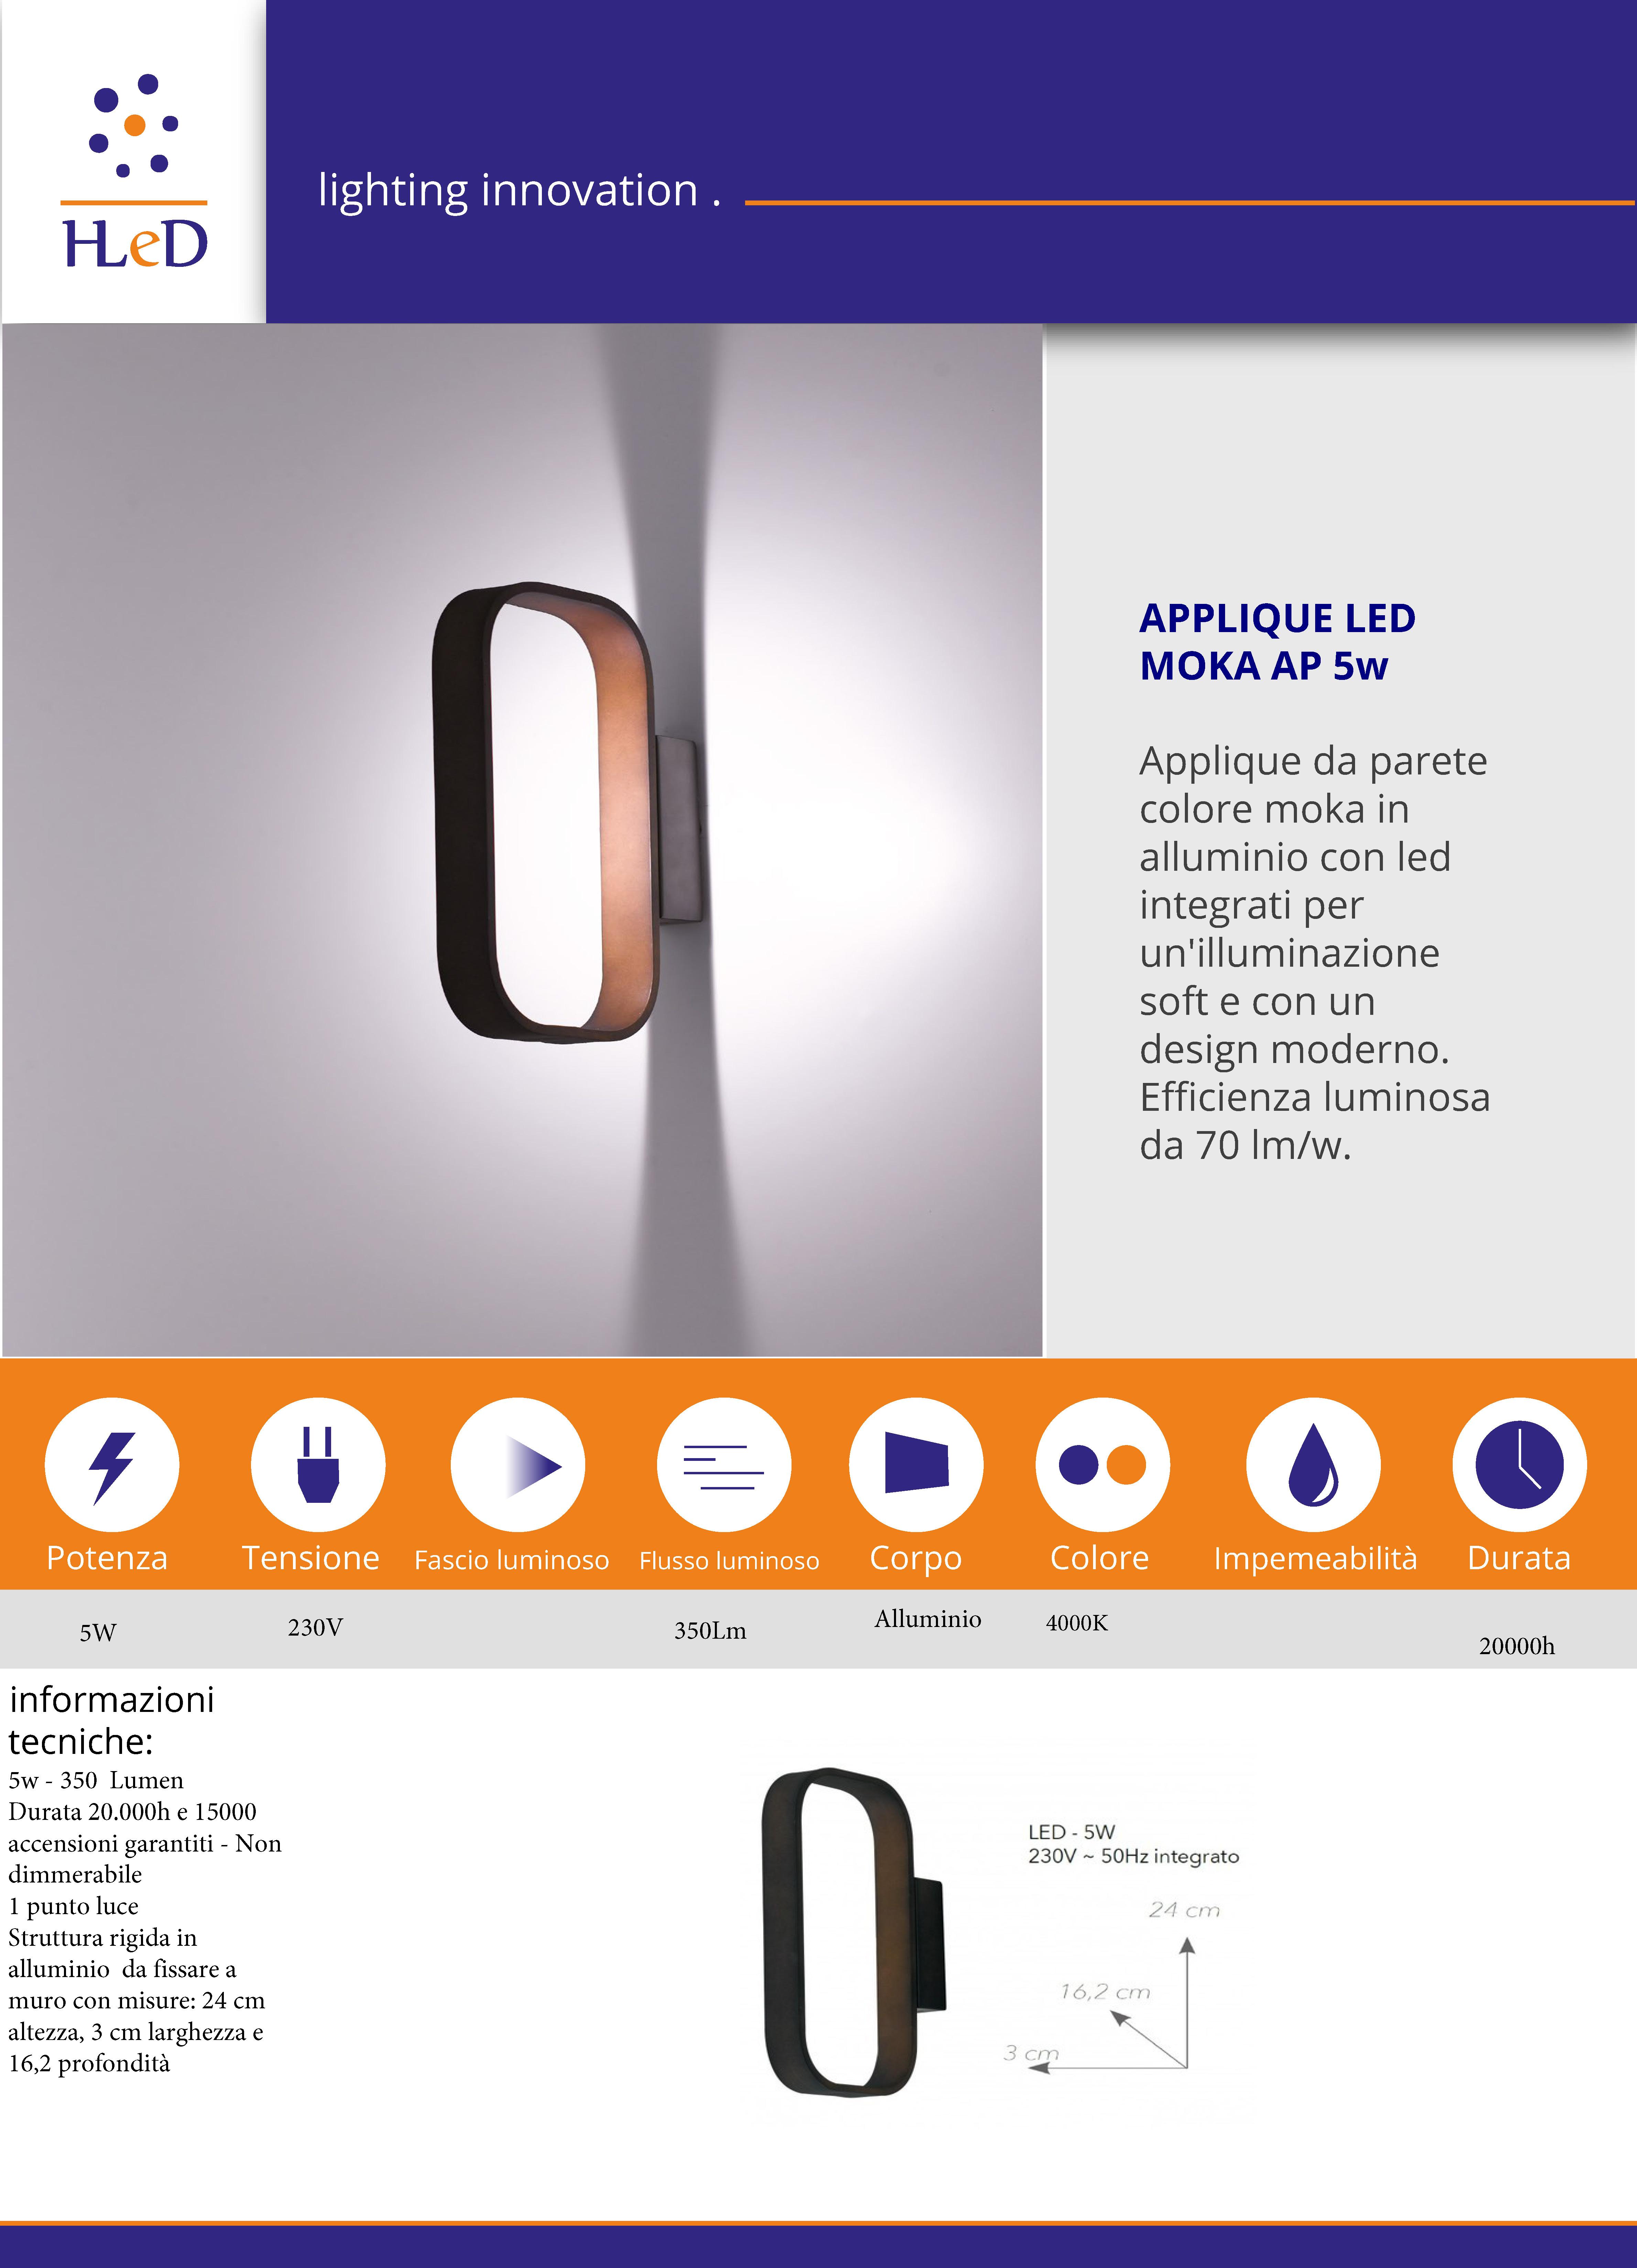 Applique da parete a LED da interni - MOKA